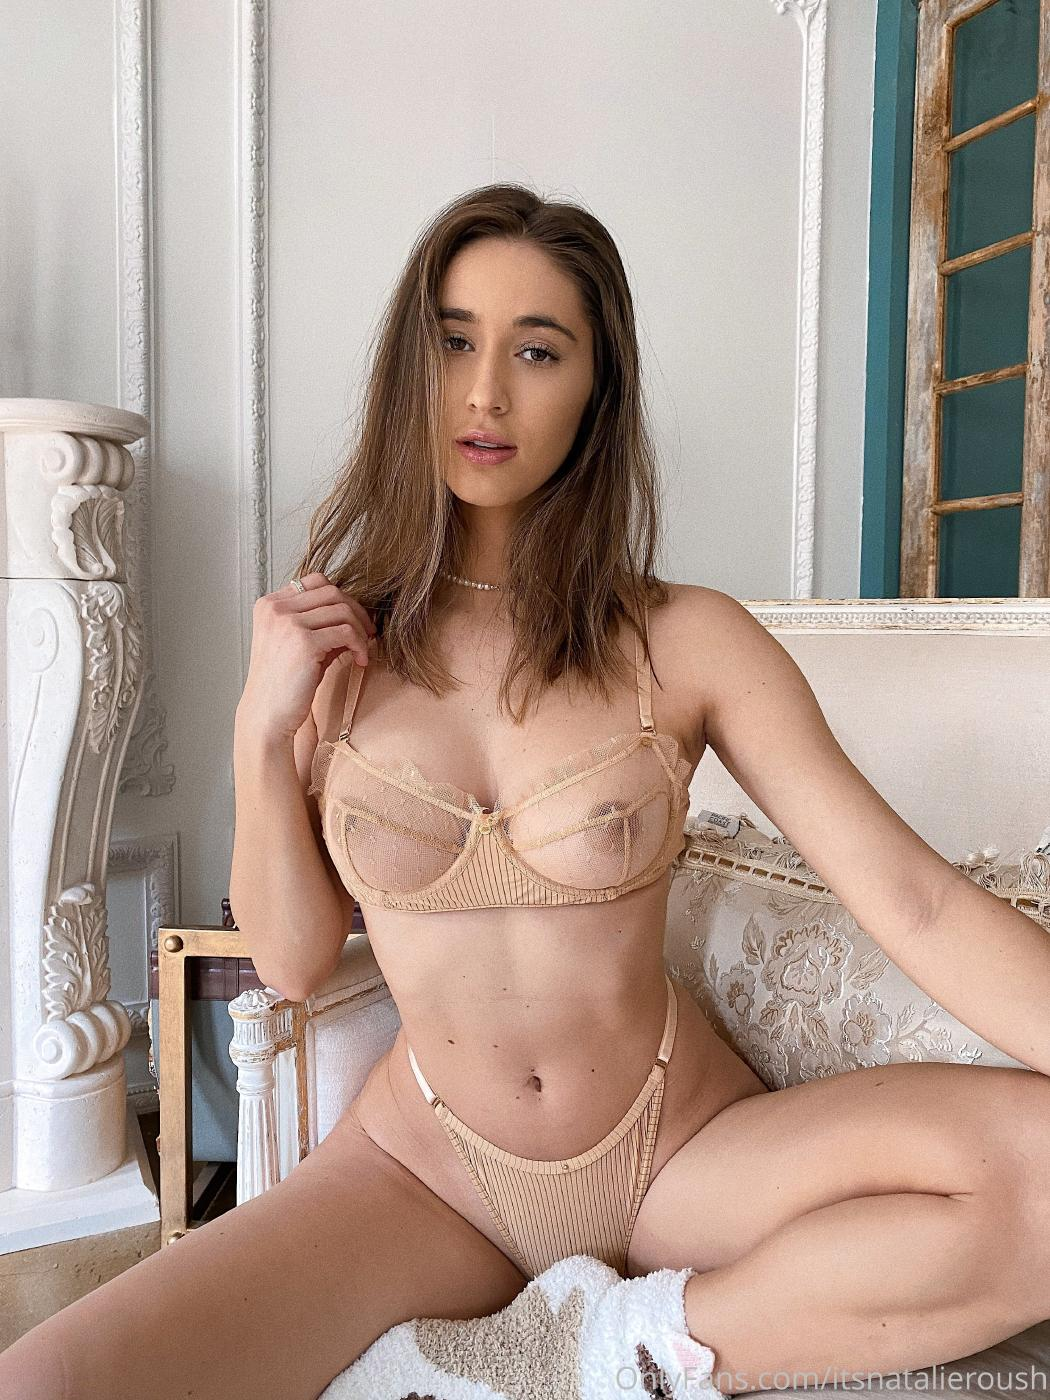 Natalie Roush Nude Sheer Bra Onlyfans Set Leaked 0004